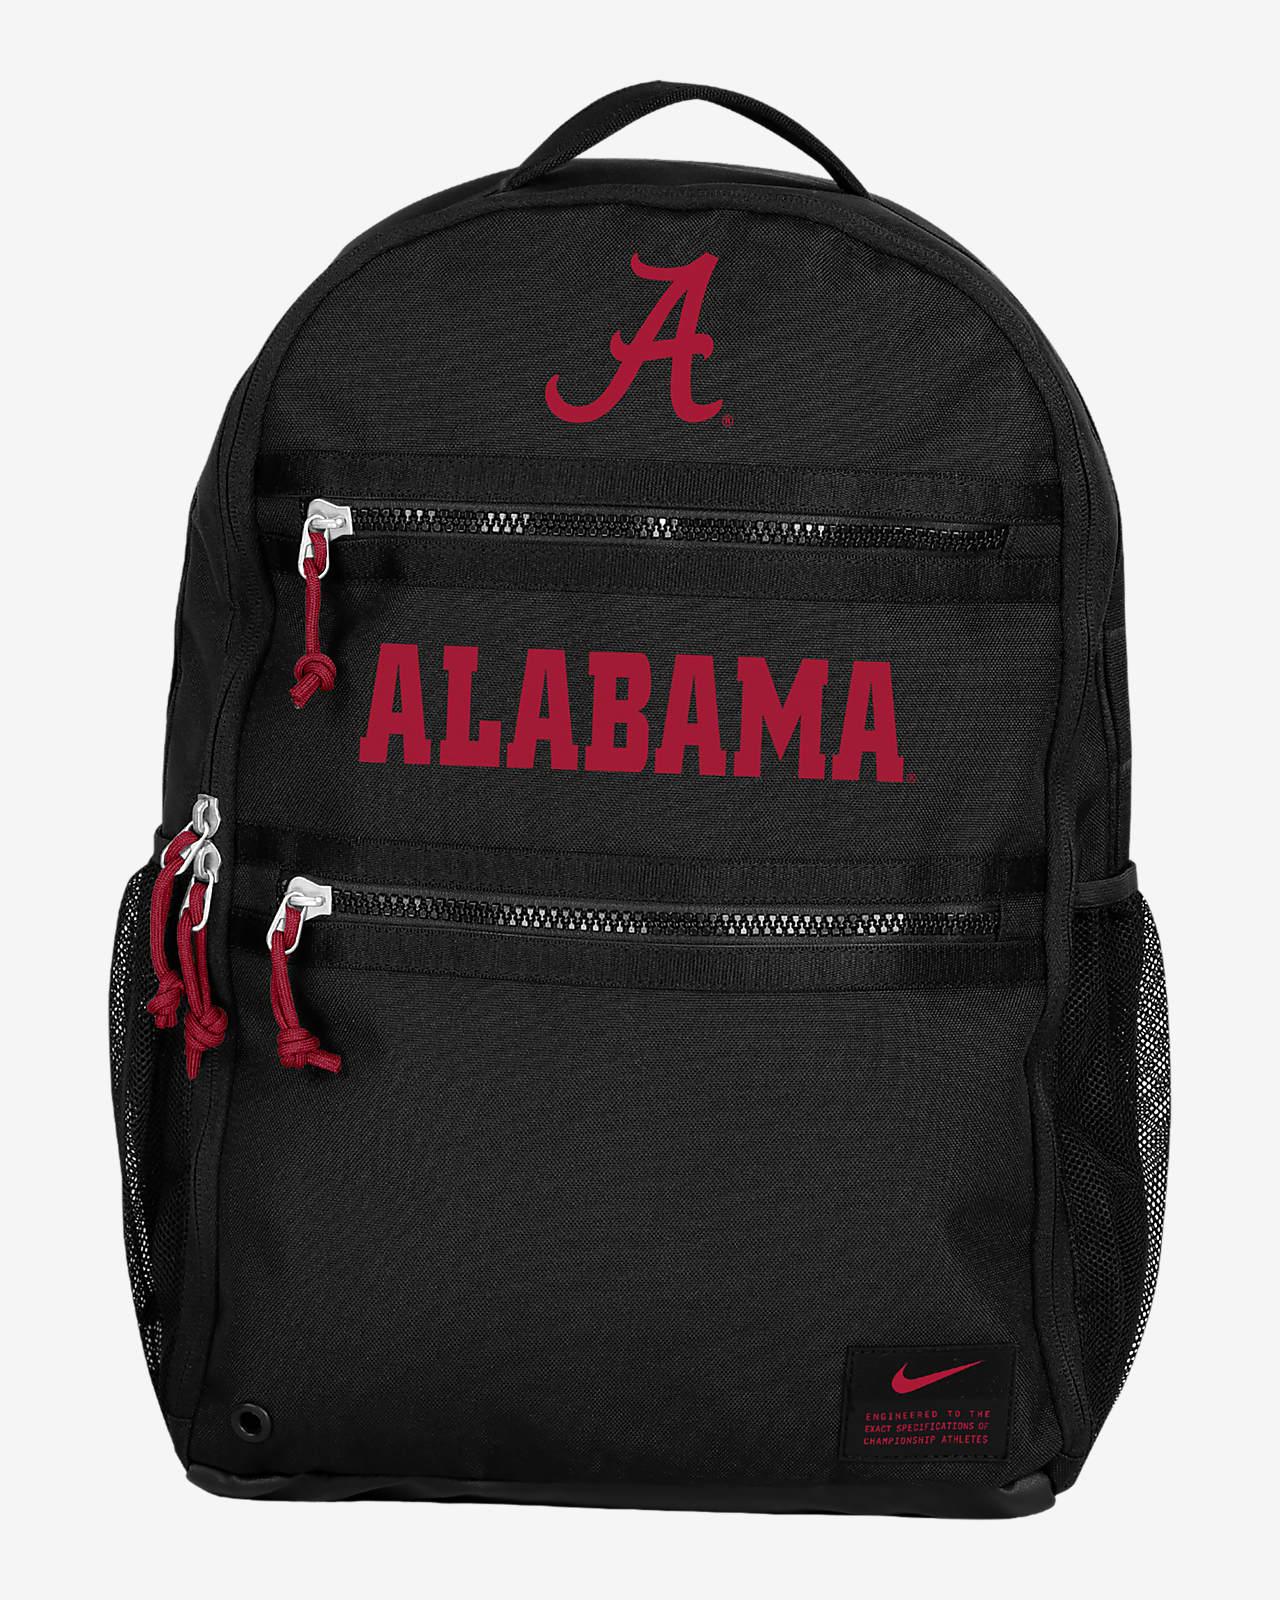 Nike College (Alabama) Backpack